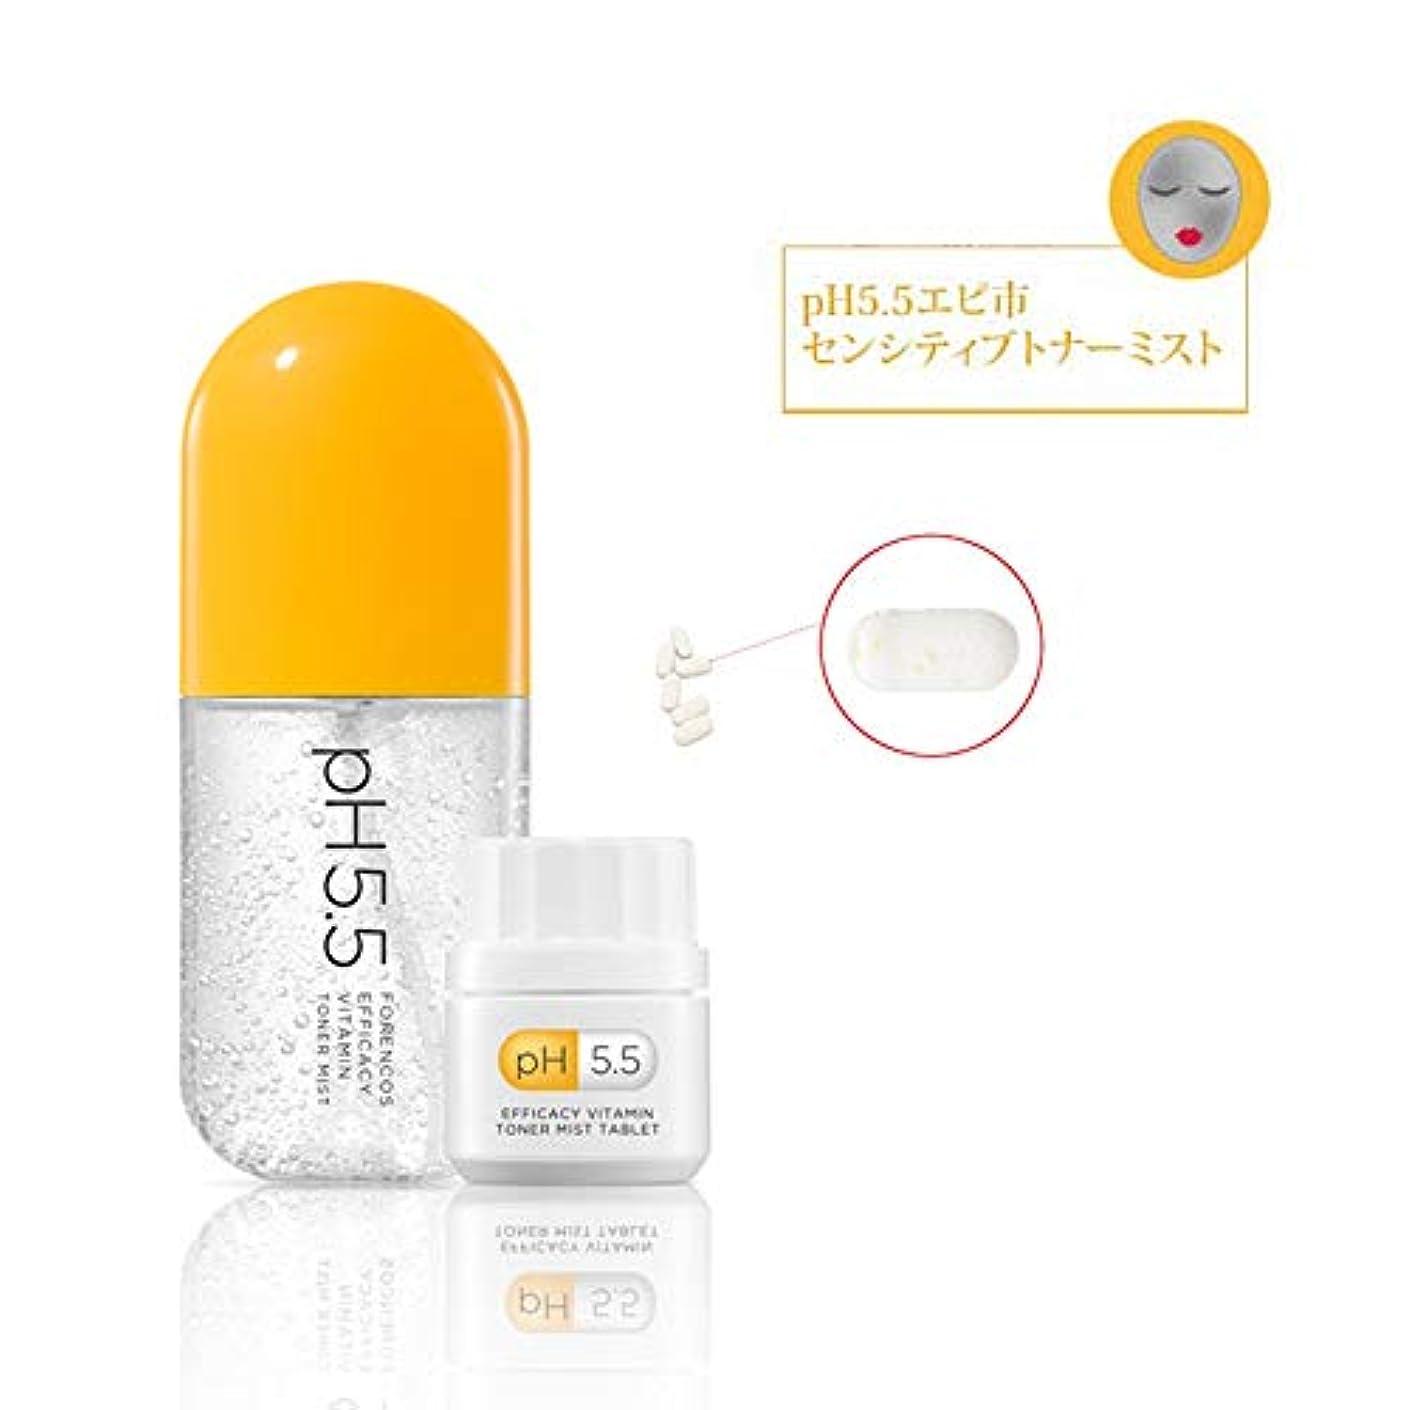 フォームオセアニア三[FORENCOS] pH5.5 ビタミン効果型化粧水スプレー/pH 5.5 Efficacy Toner Mist (1g*10ea) 1 Pack #Vitamin